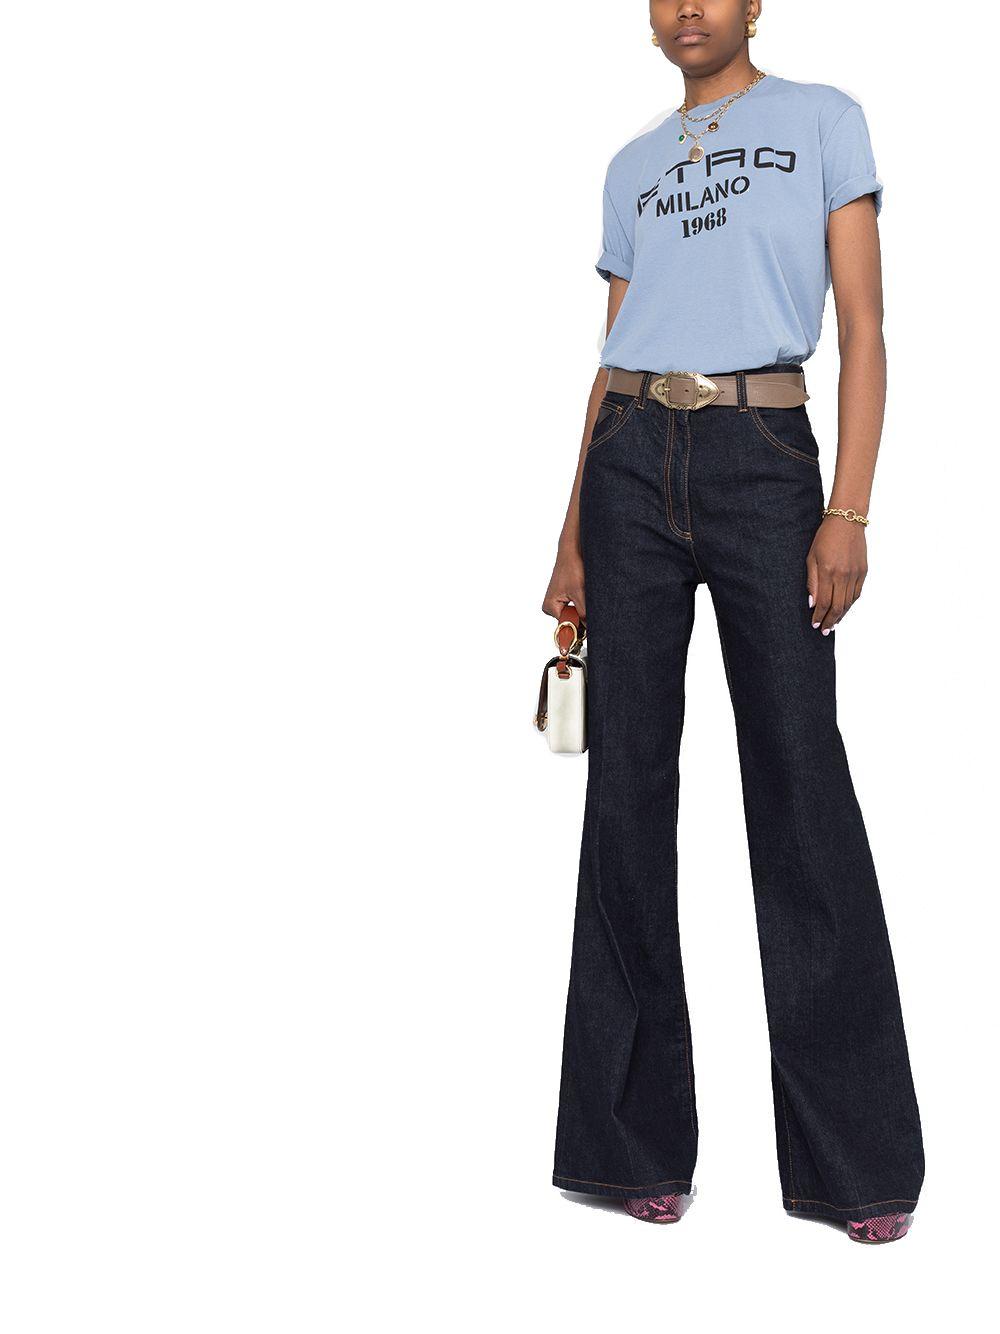 ETRO Cottons ETRO WOMEN'S LIGHT BLUE COTTON T-SHIRT